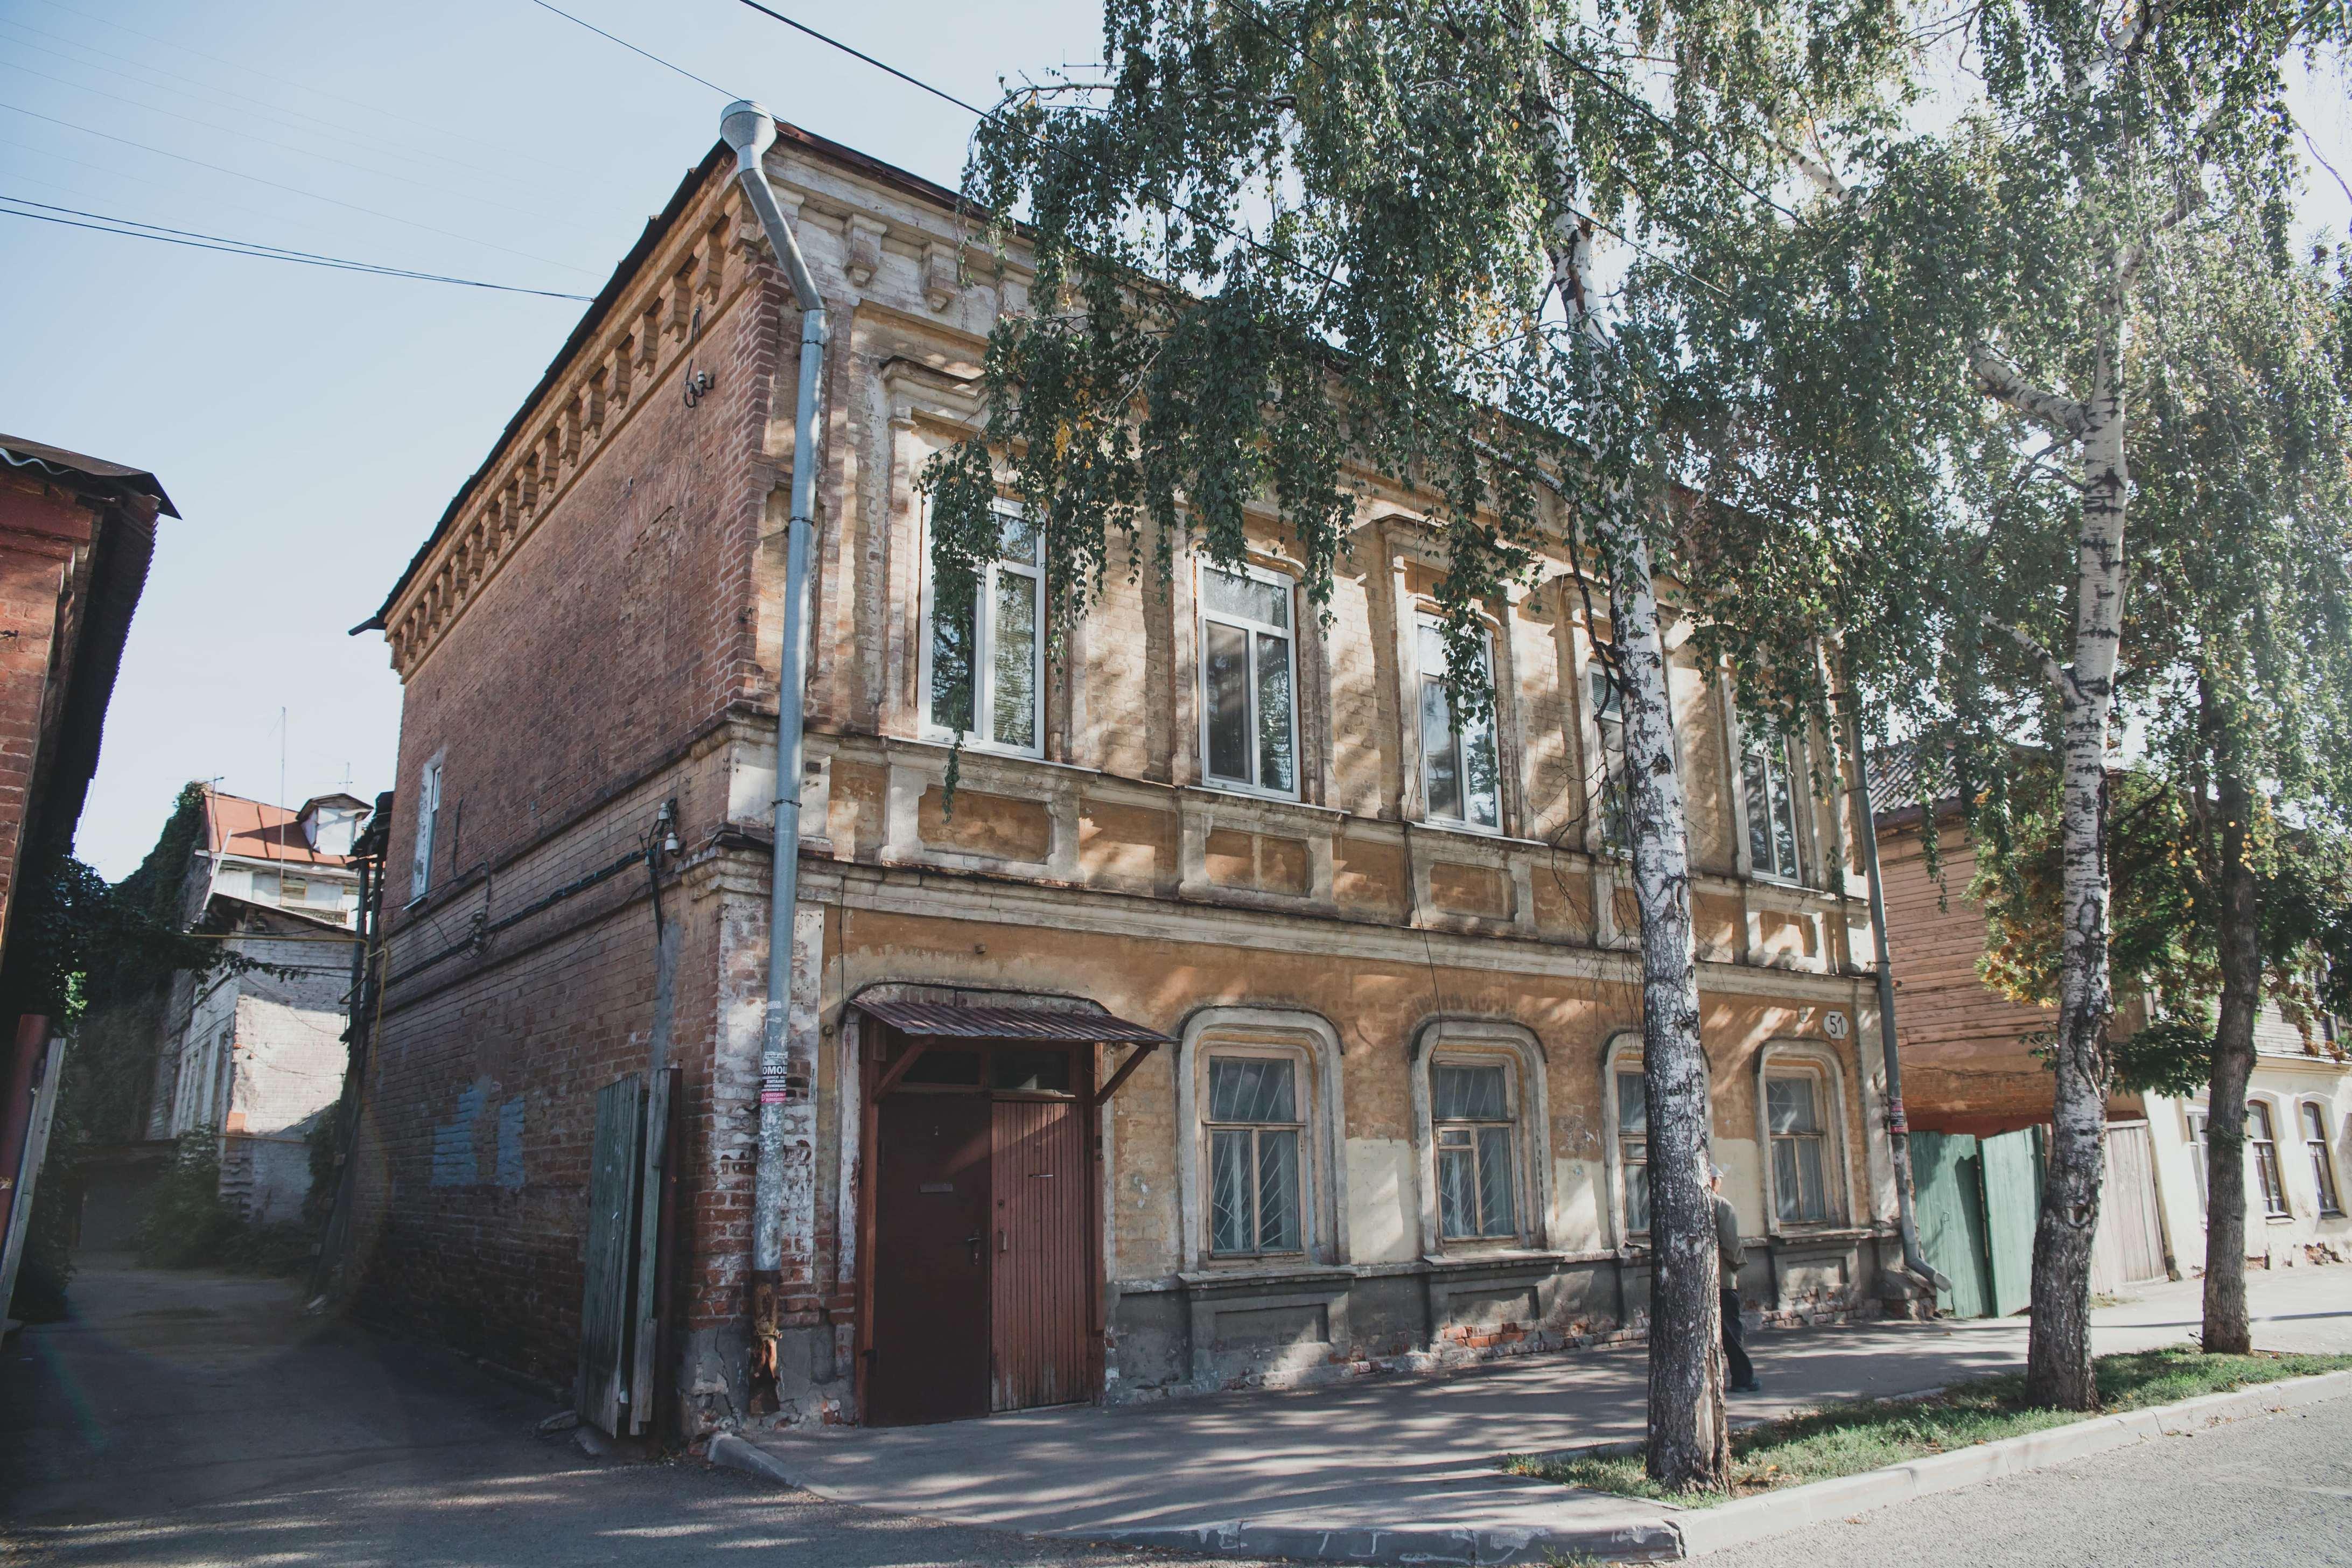 Чапаевская 51 дом в котором жил Симонов